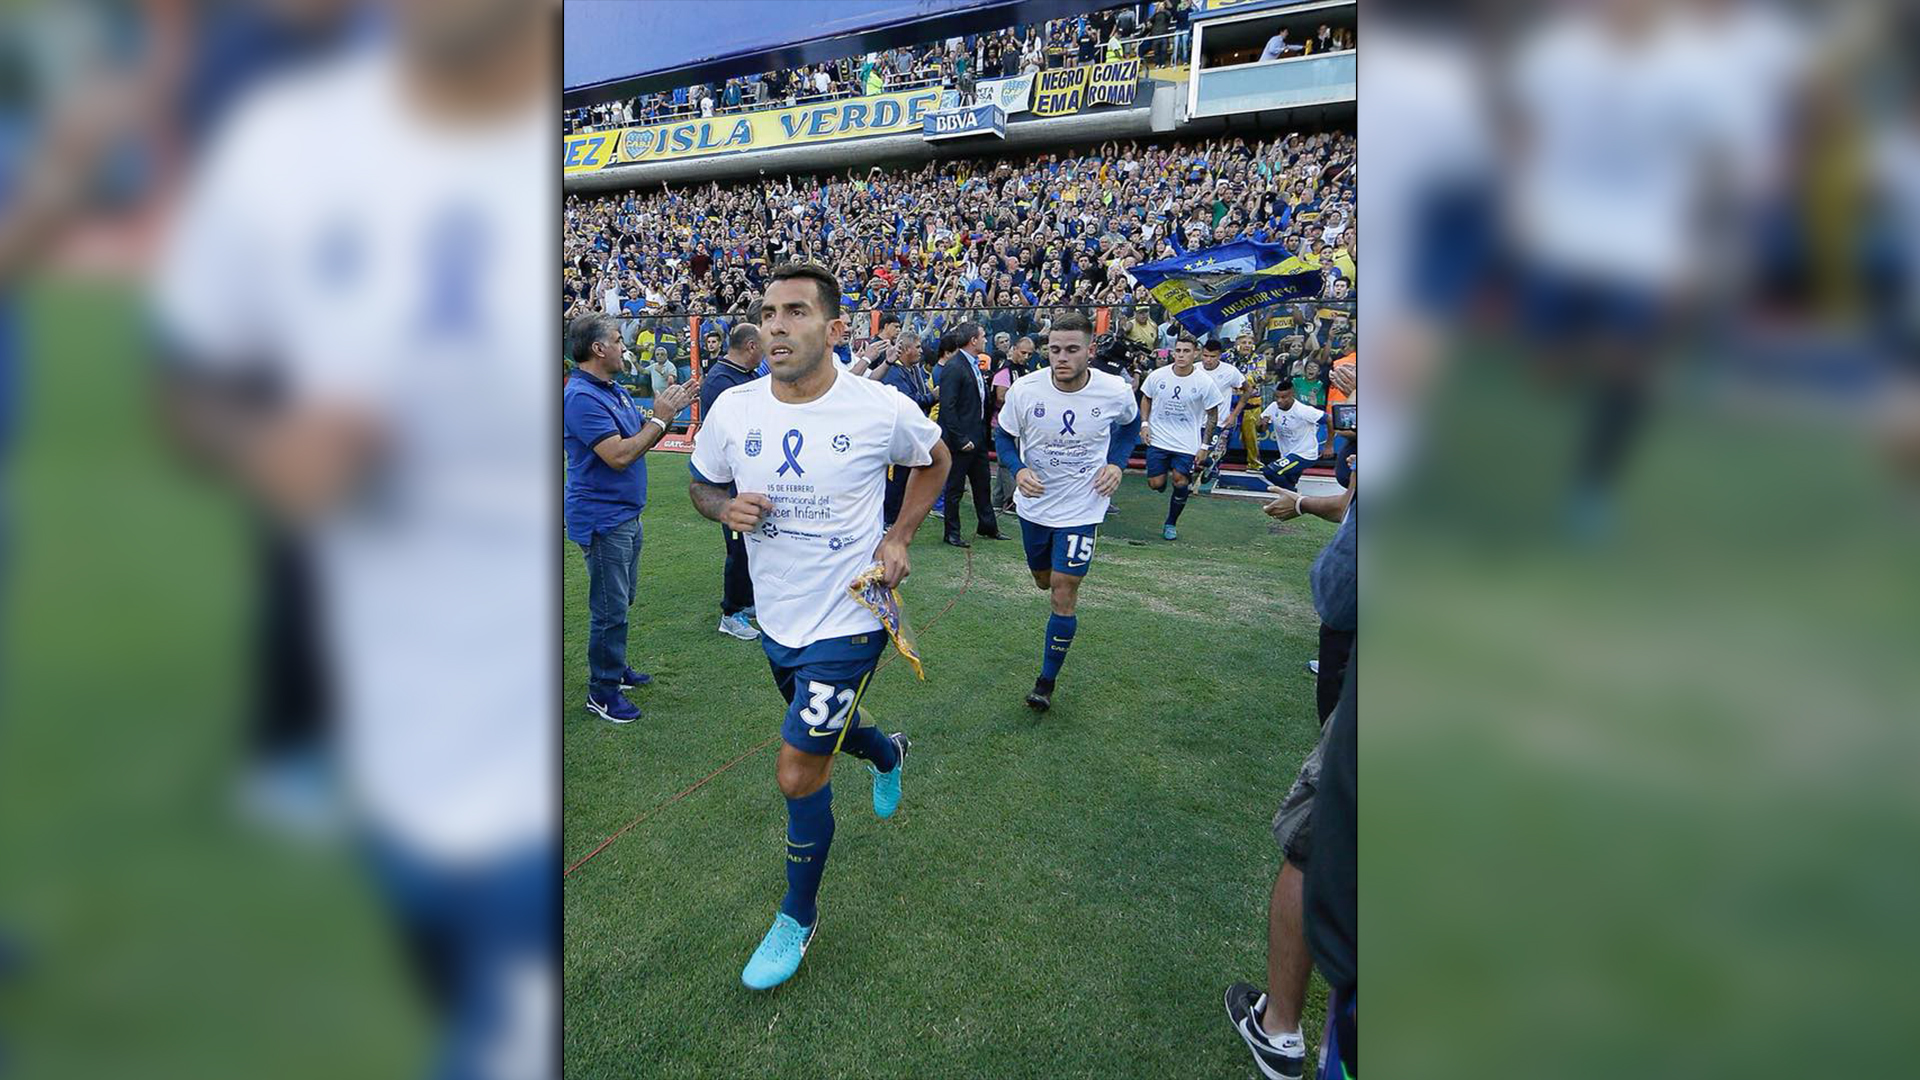 El pasado fin de semana, los principales equipos de primera división salieron a la cancha con la remera de la campaña de Fupea